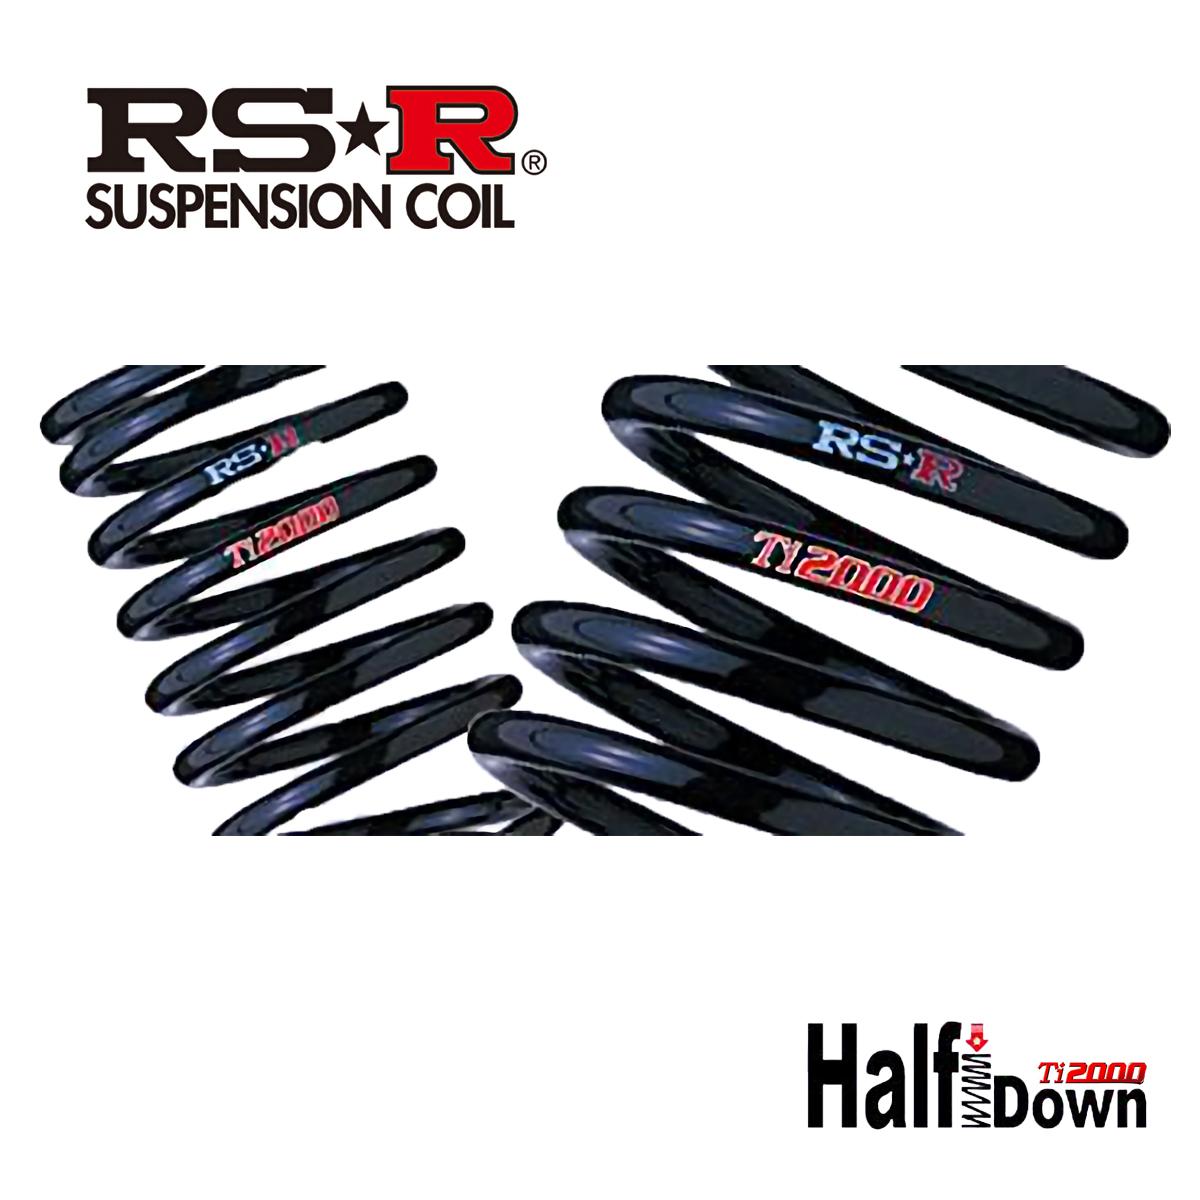 RS-R ムーヴ FF LA150S ダウンサス スプリング 1台分 D200TD Ti2000 ダウン RSR 個人宅発送追金有